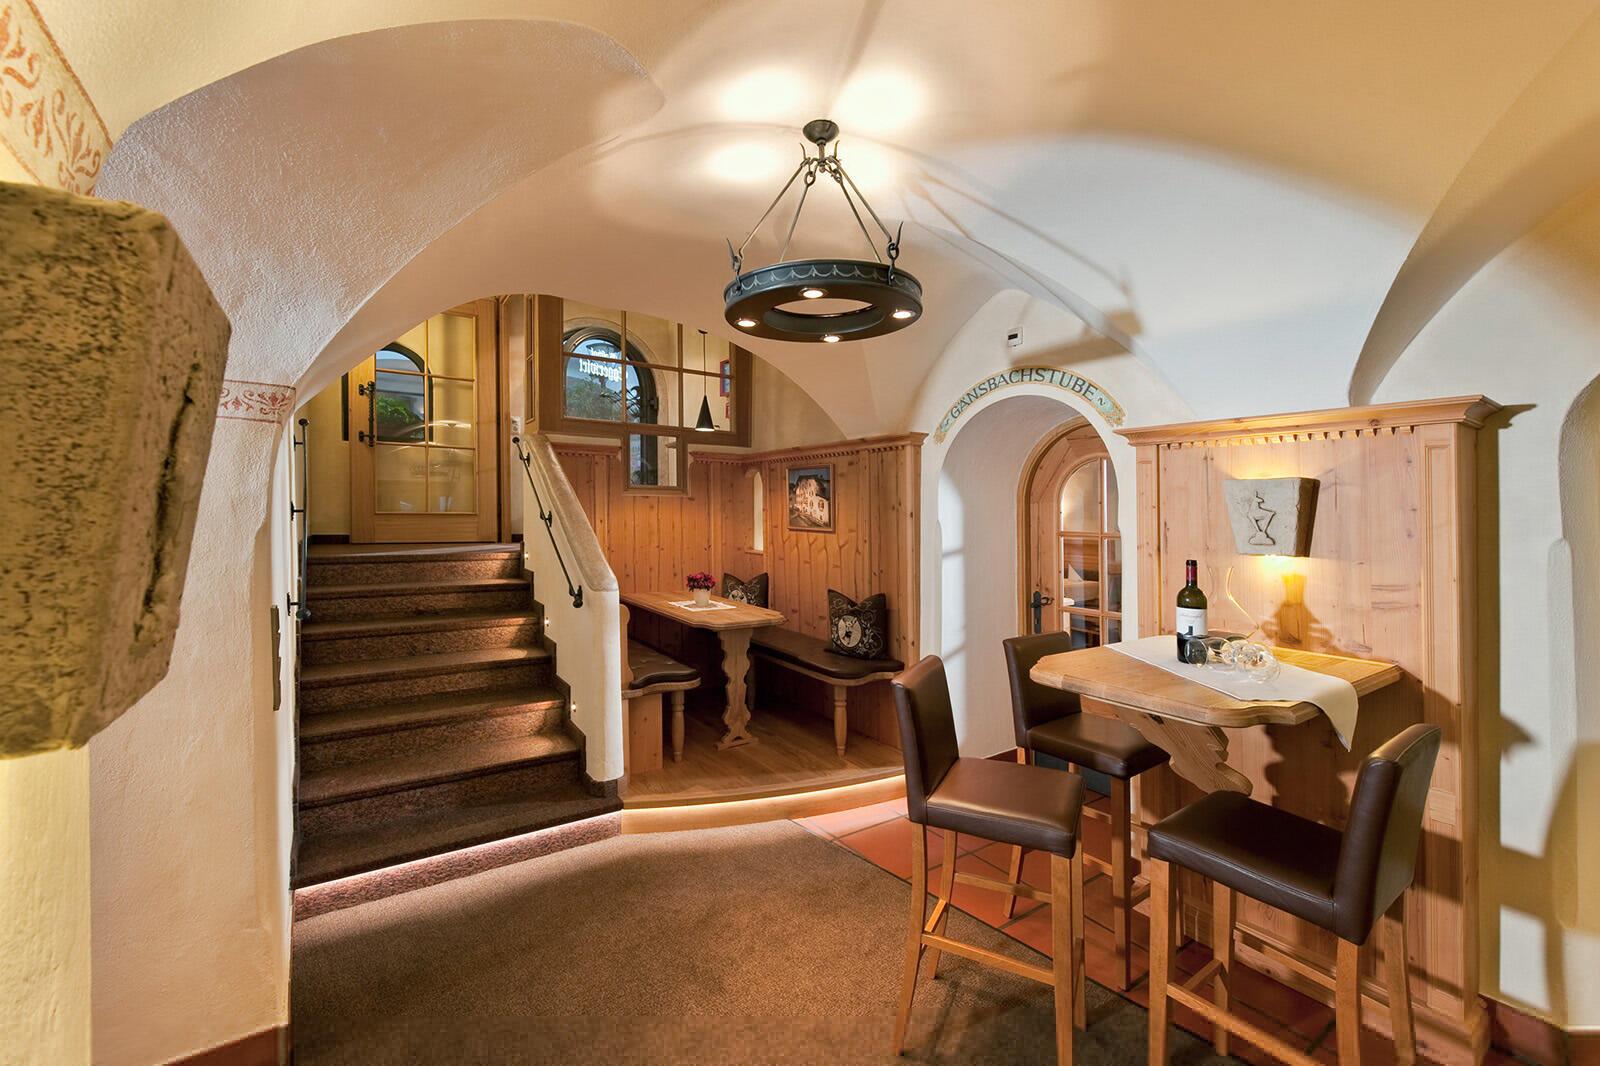 Restaurant at Gasthof Eggerwirt Hotel in Kitzbühel, Austria